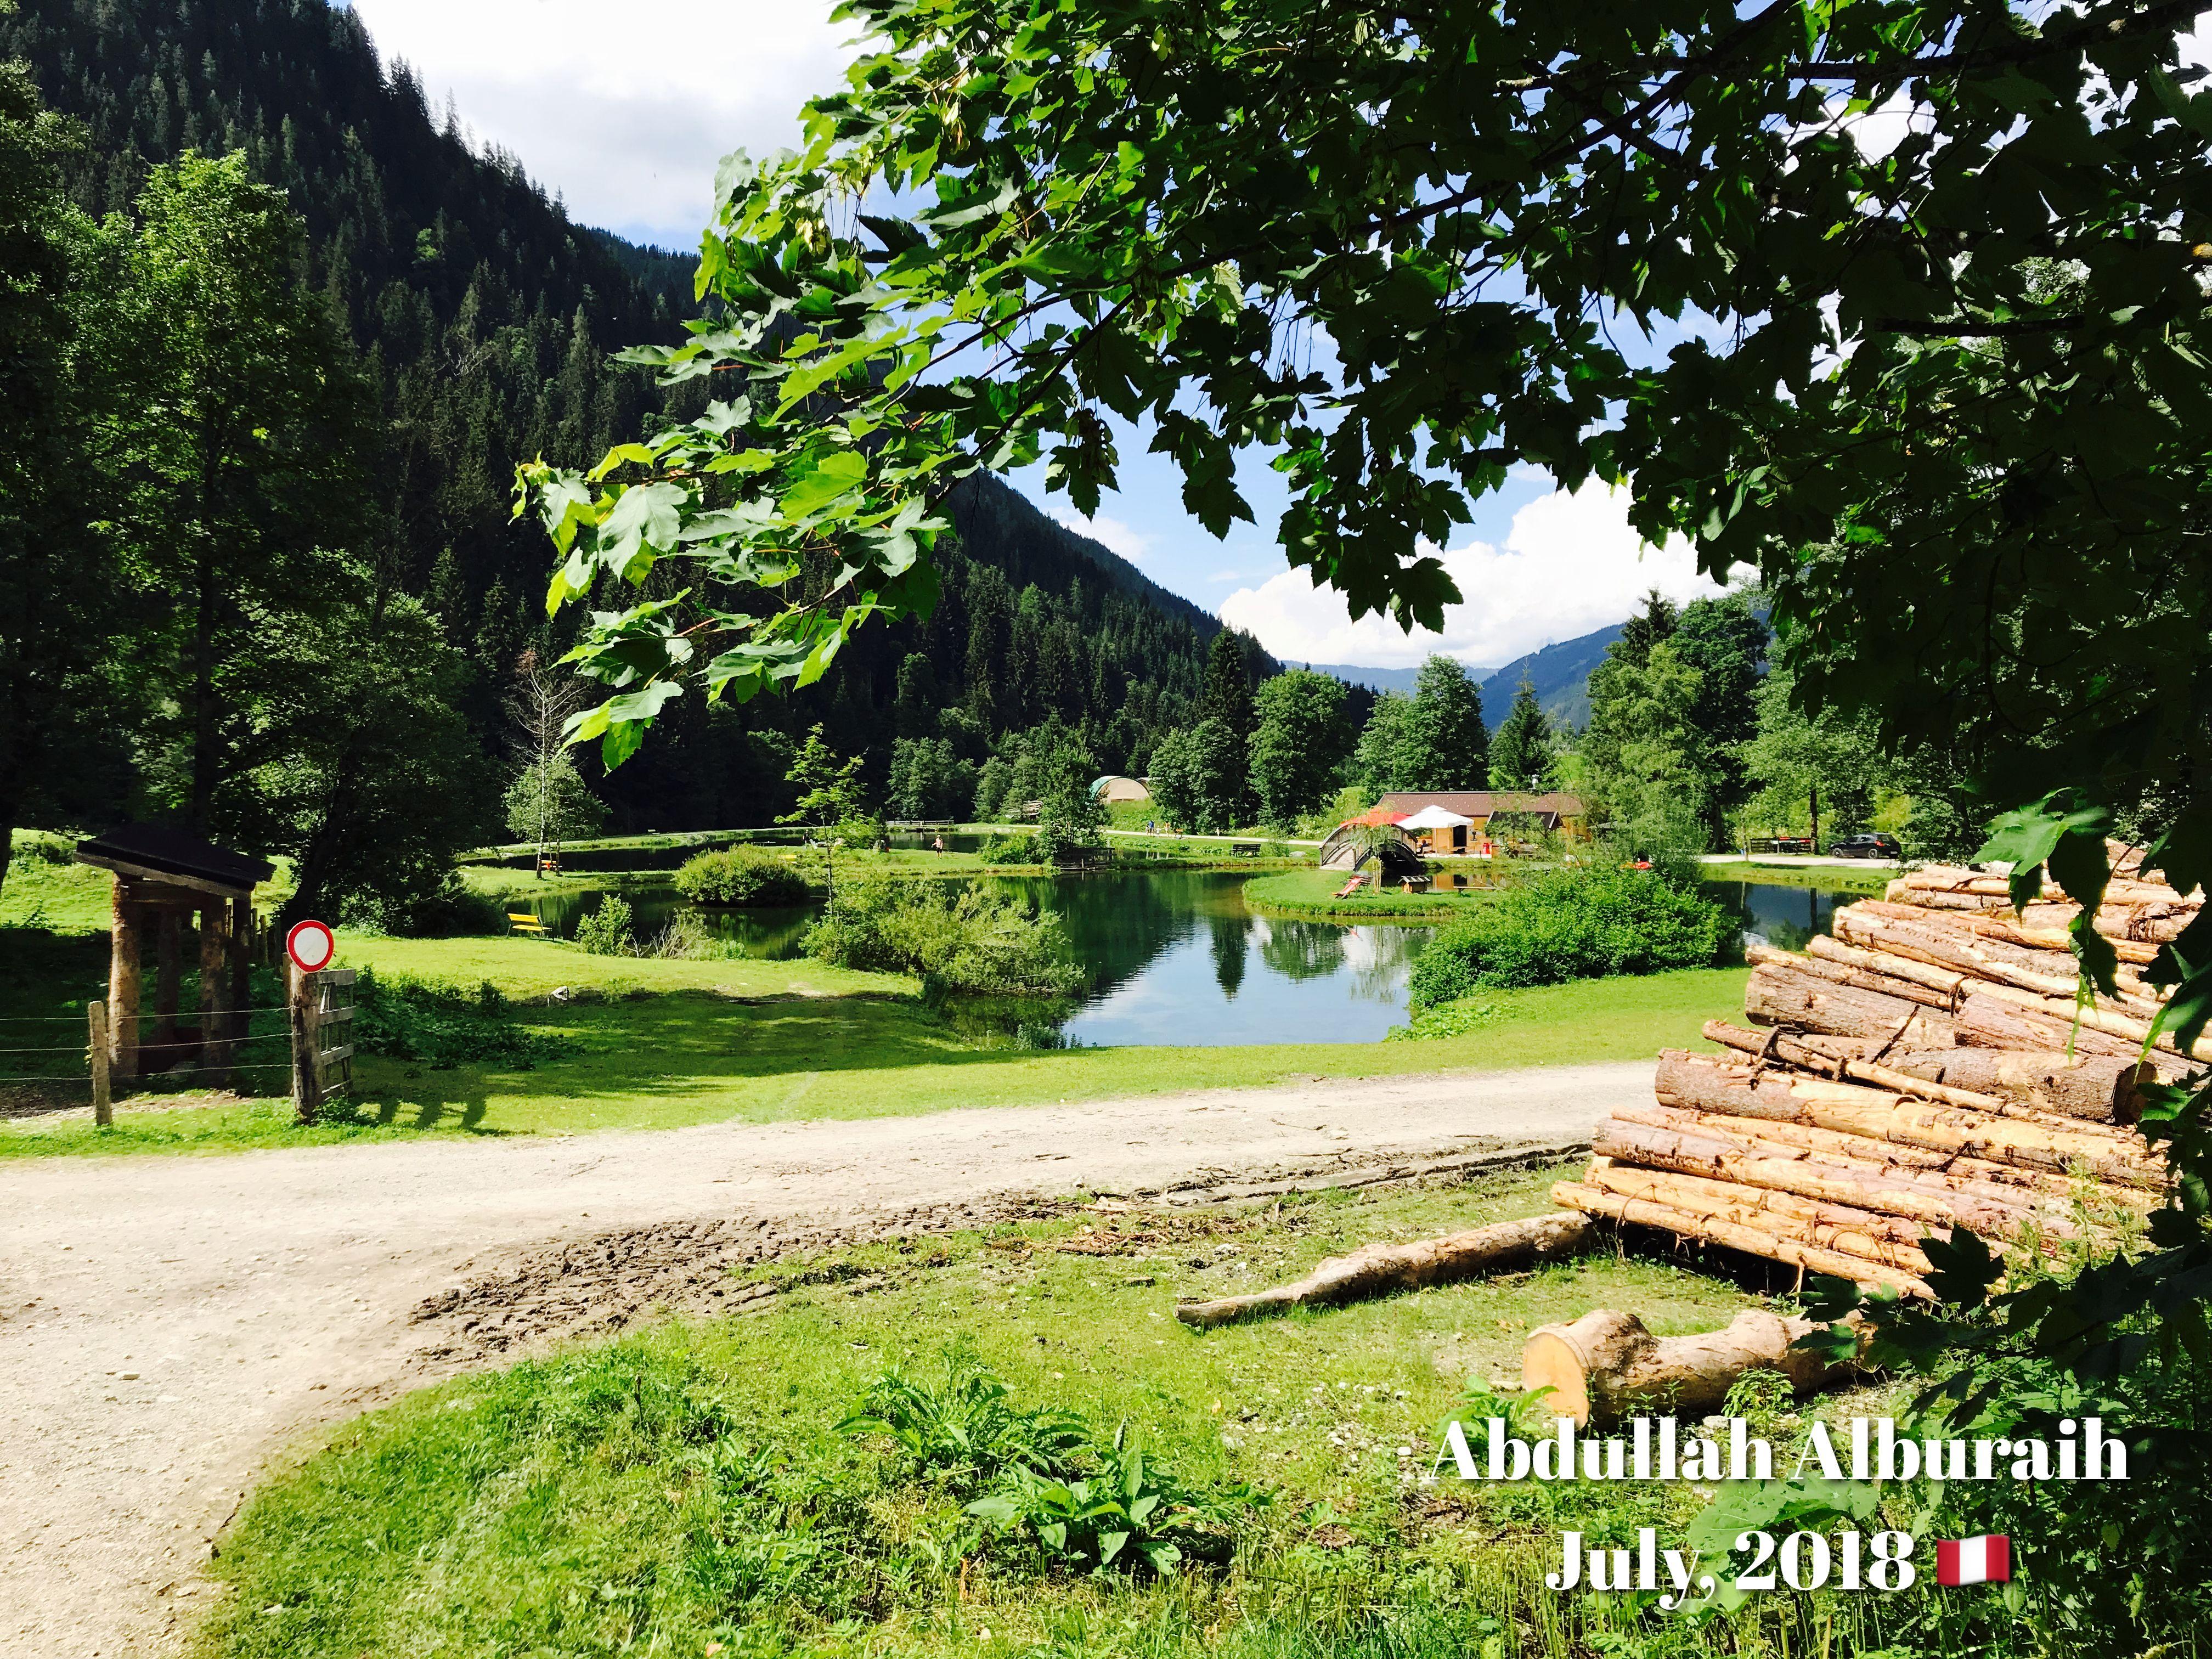 Austria جمال الطبيعة النمساوية منظر طبيعي جمال طبيعة الريف Landscape Natural Golf Courses Field Sidewalk